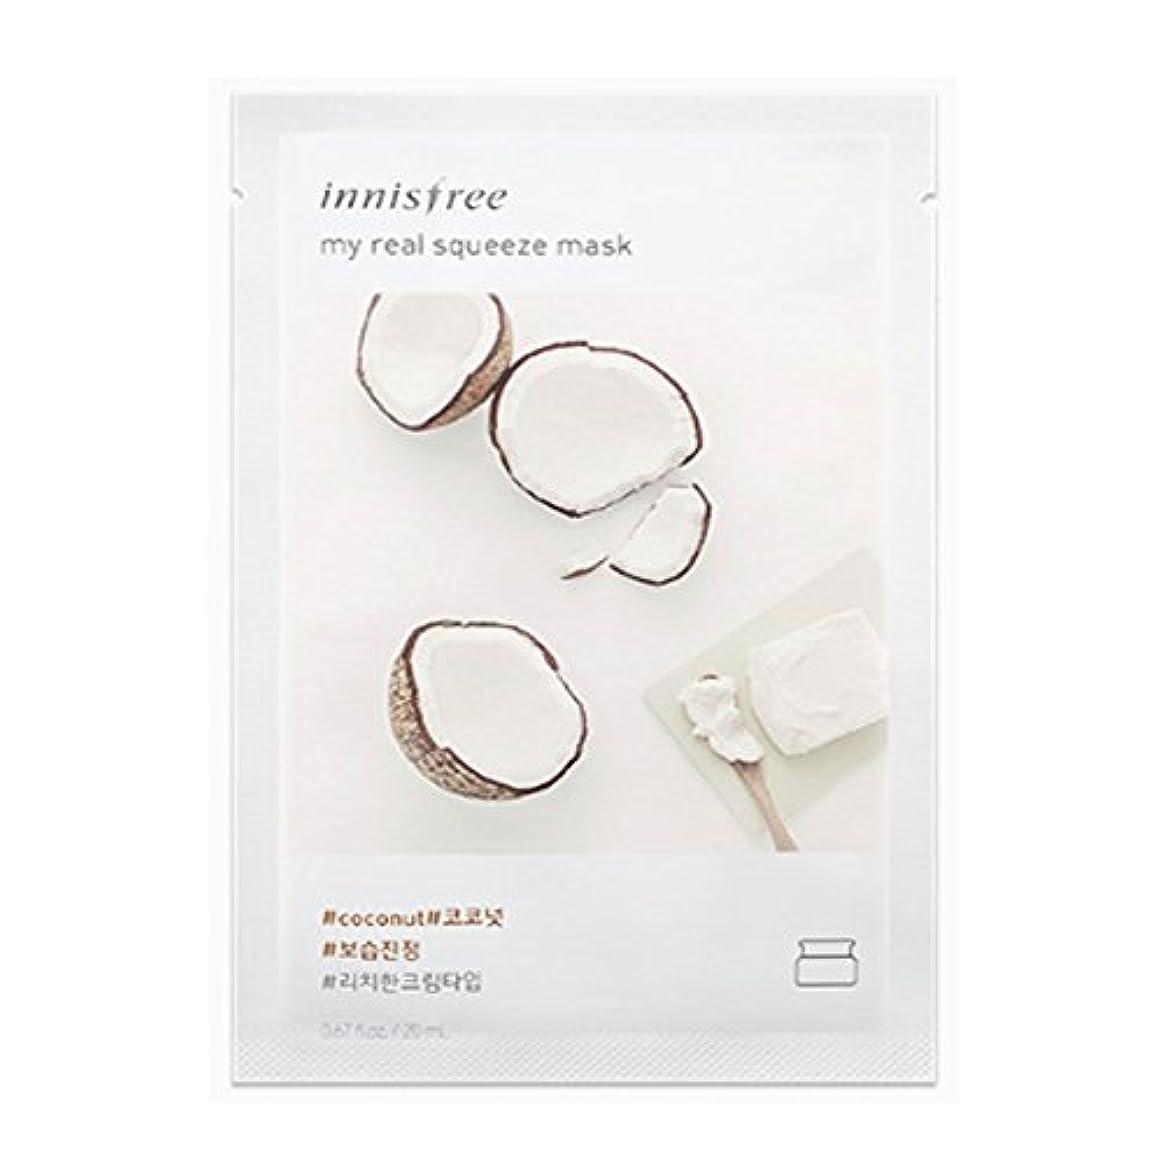 スーパー請求安いですイニスフリーダブルフィットリフティングマスク17g + 19g Innisfree Double Fit Lifting Mask 17g+19g [海外直送品][並行輸入品] (#1-Elastic moisturizing)